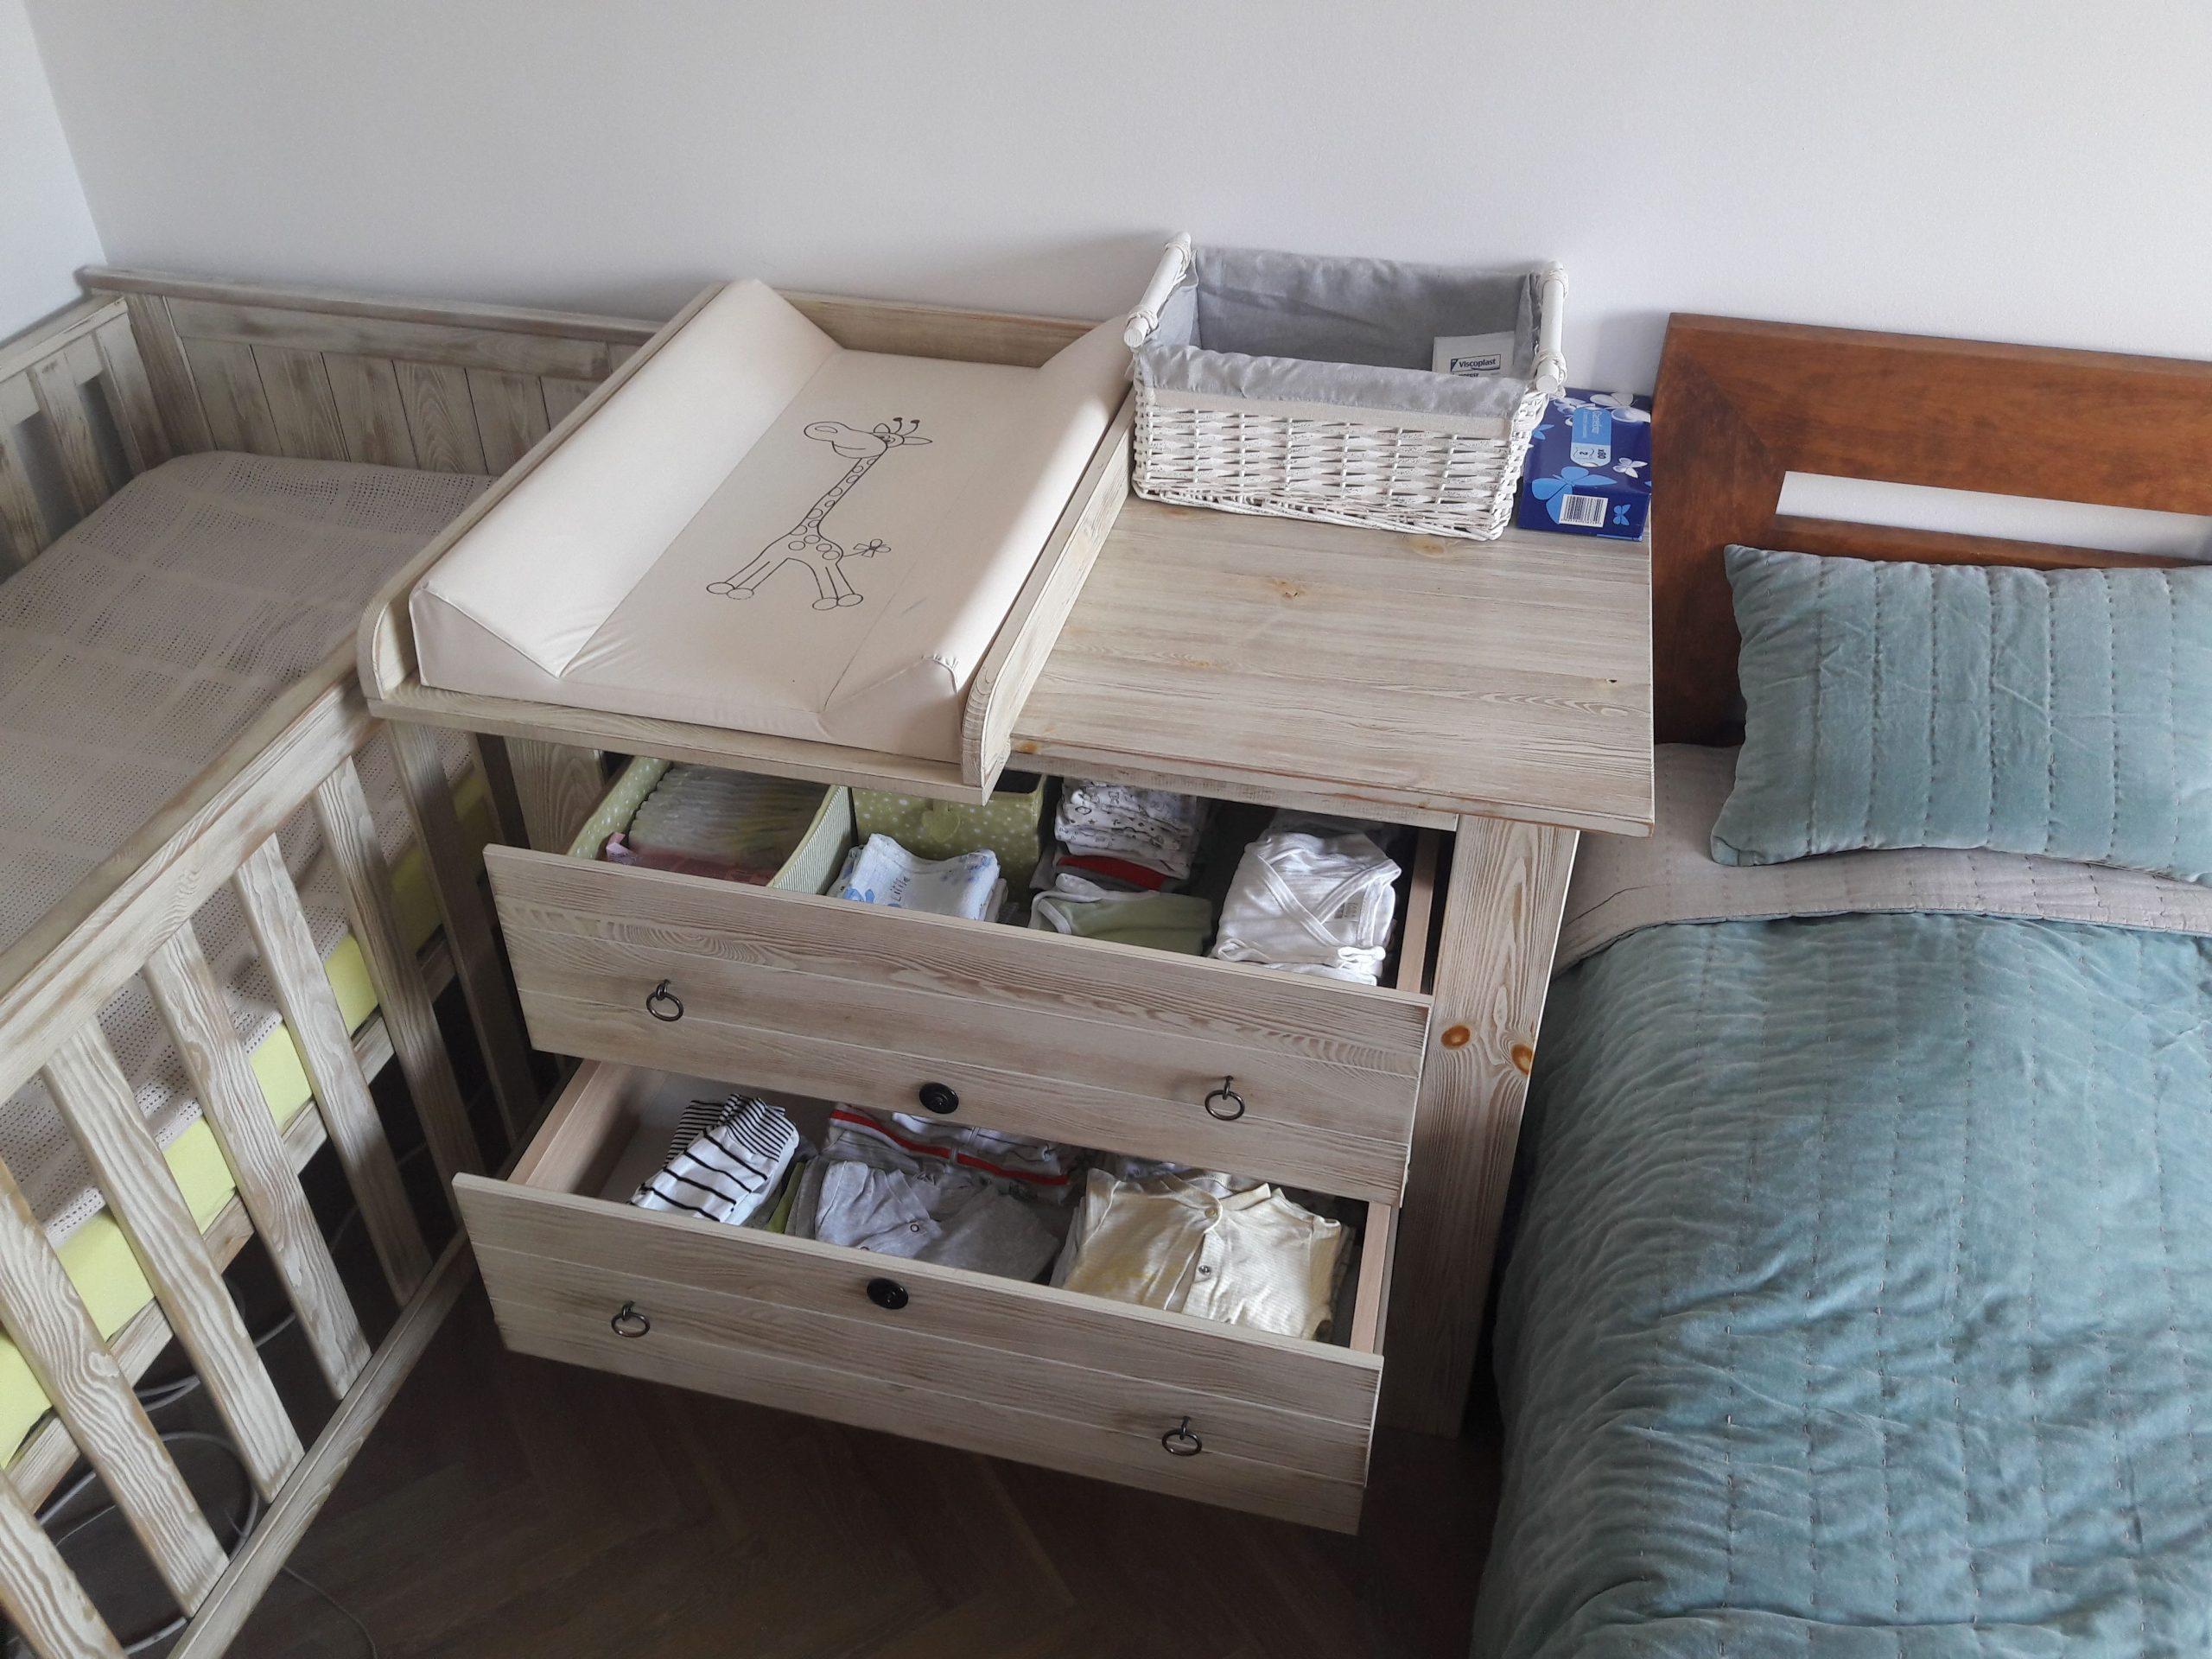 Łóżeczko drewniane, miejsce do spania, sen niemowlaka